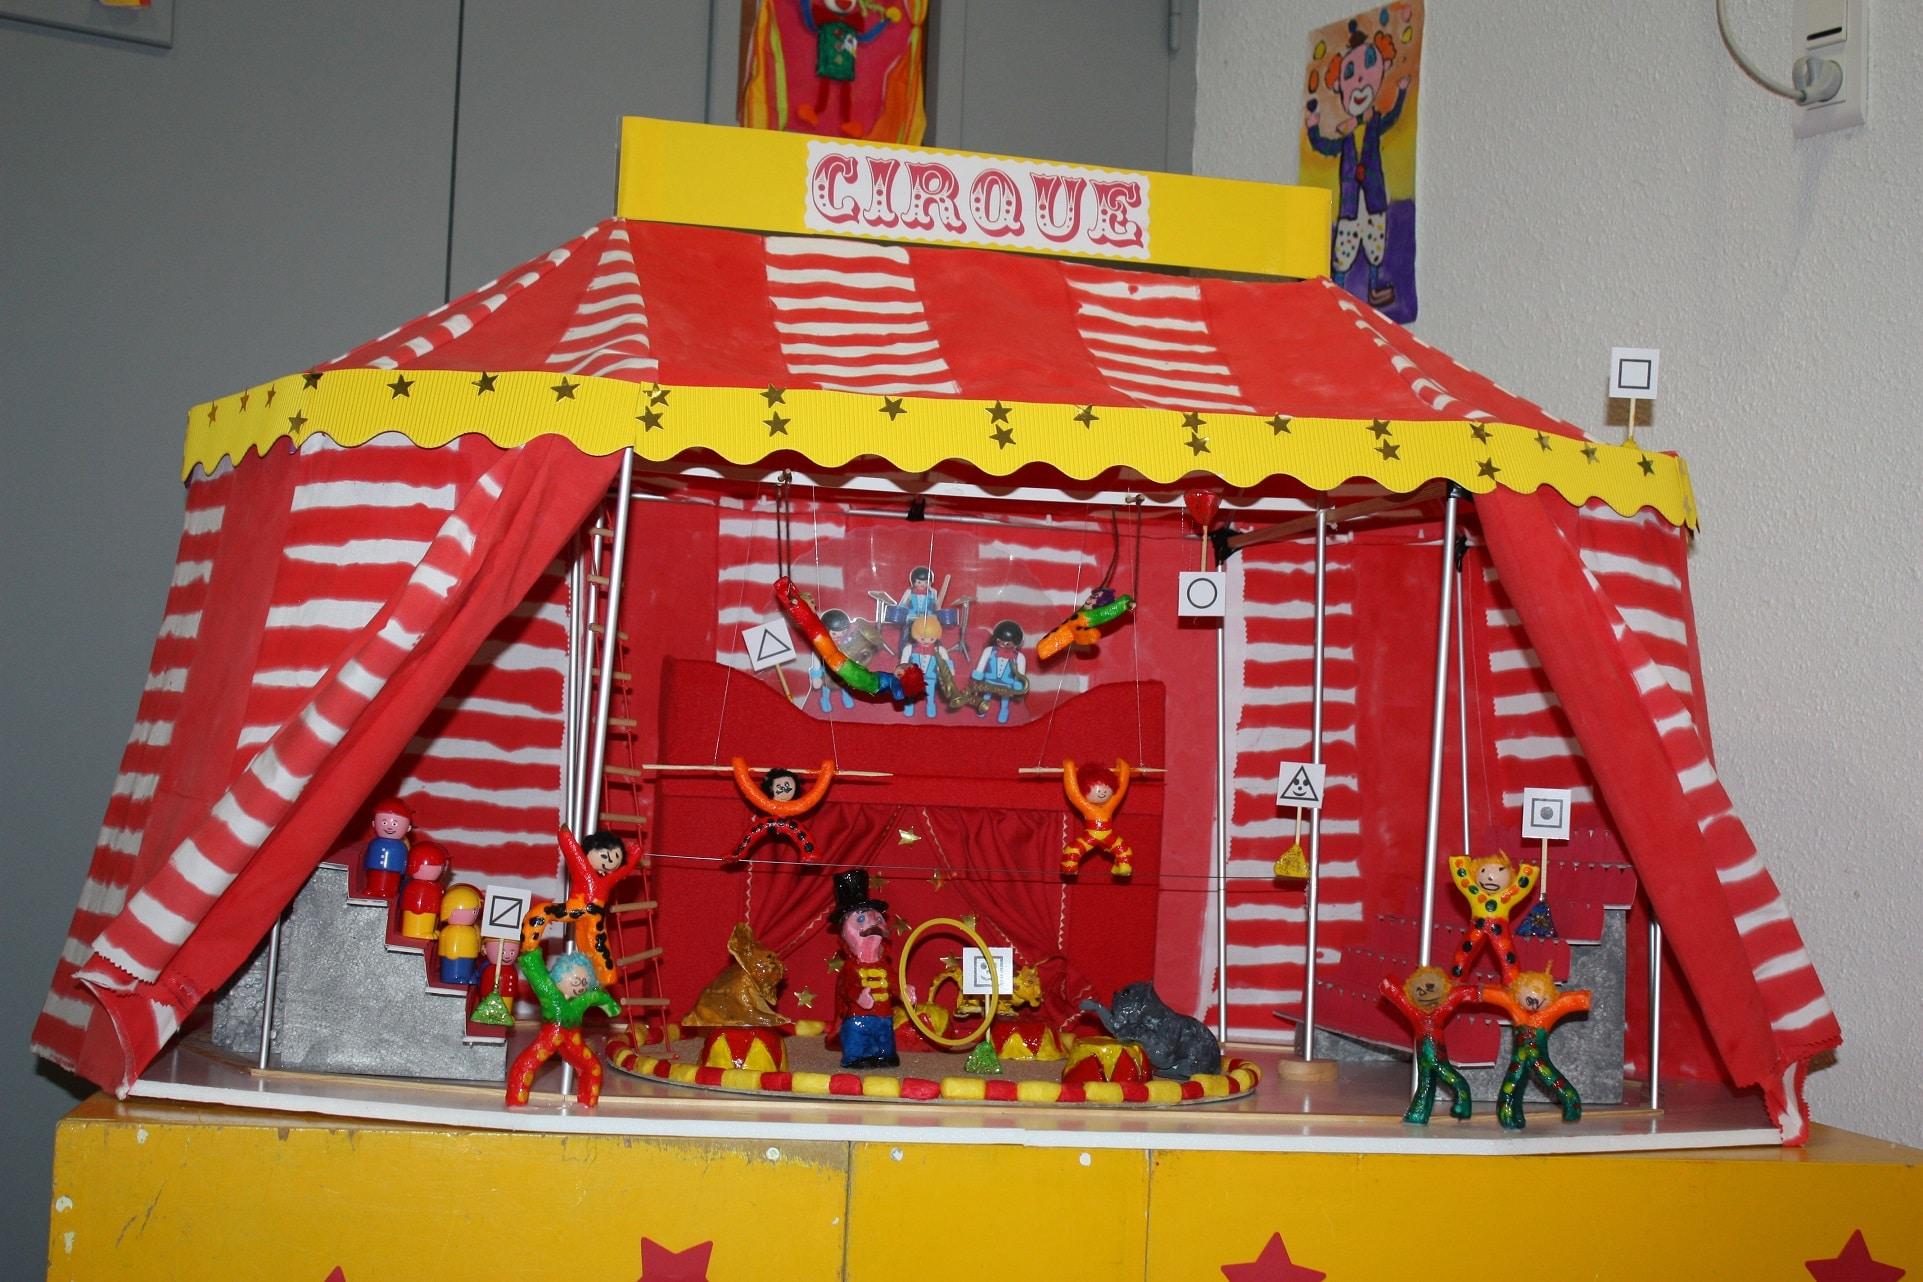 Accompagnement Des Coles Dans Leur Projet Cirque Cirque